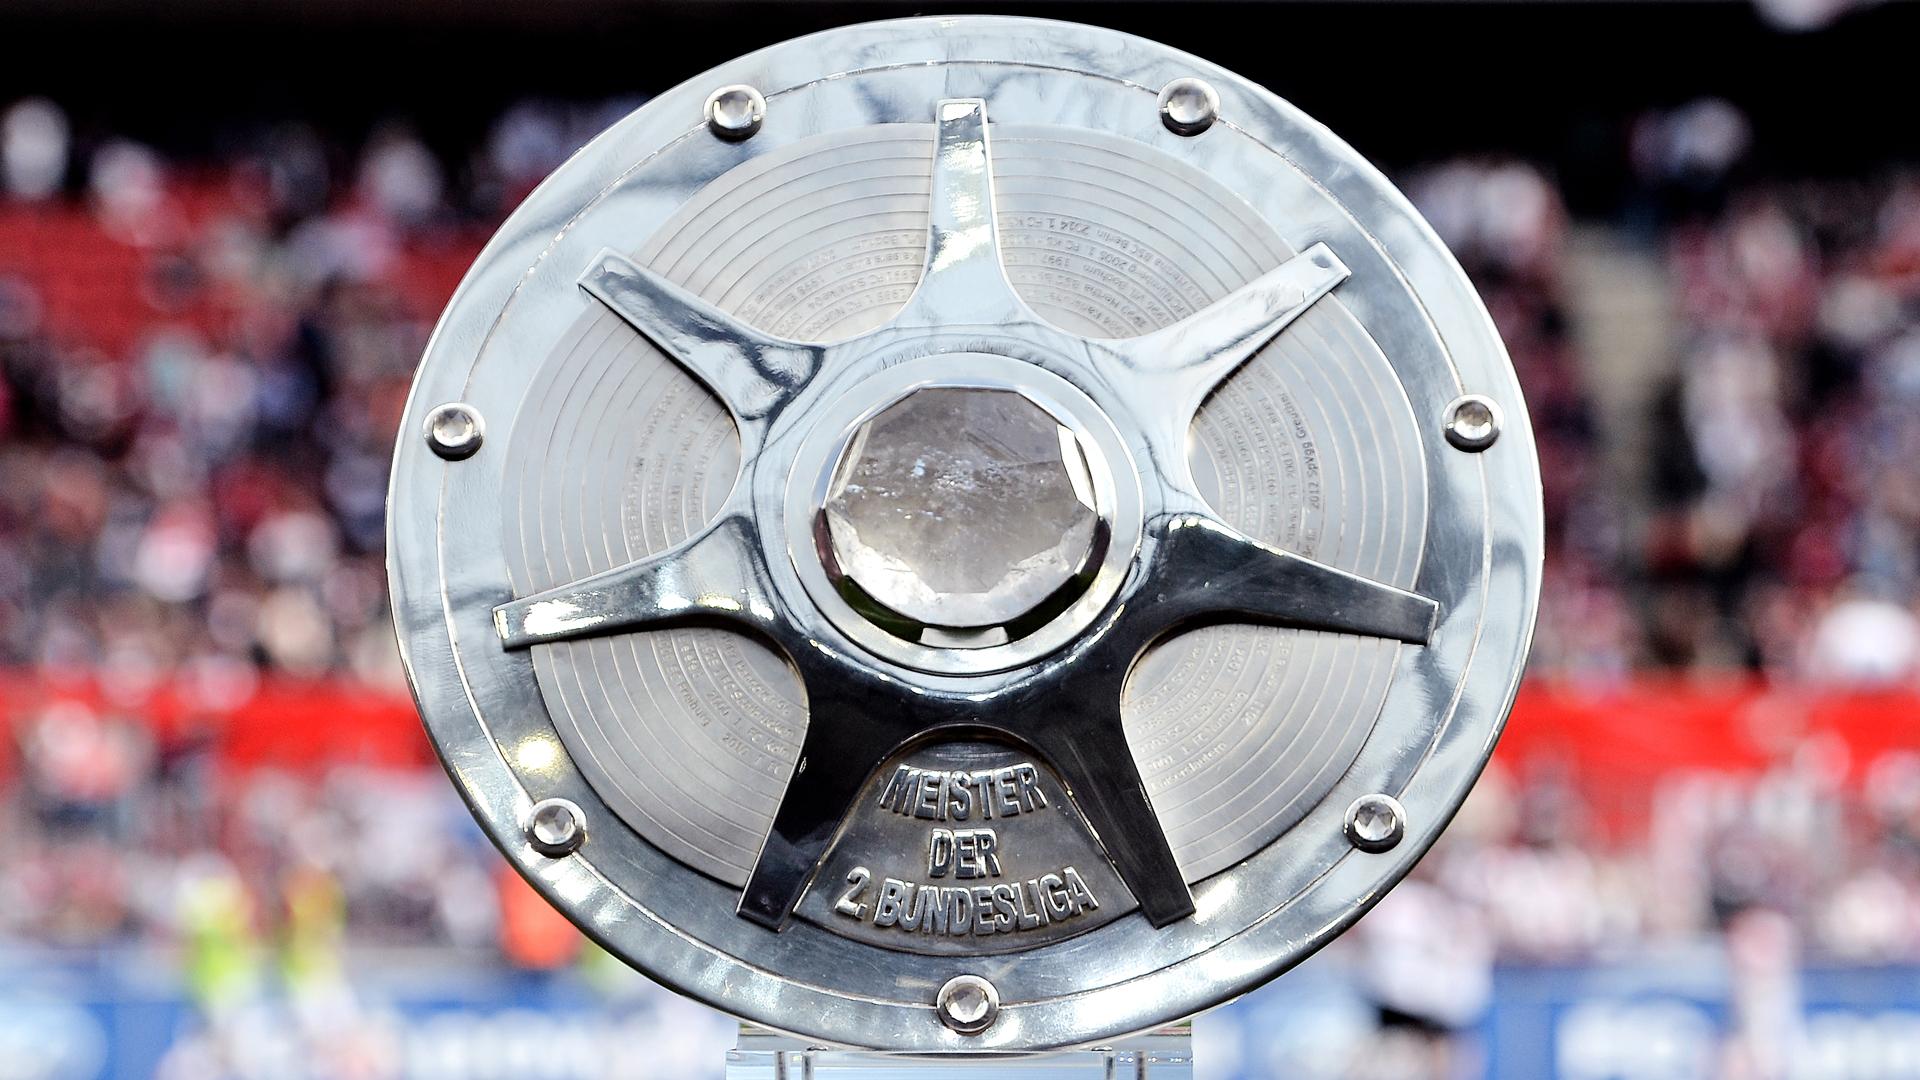 Bundesliga 2 Meisterschale - EN - DFL Deutsche Fußball Liga GmbH